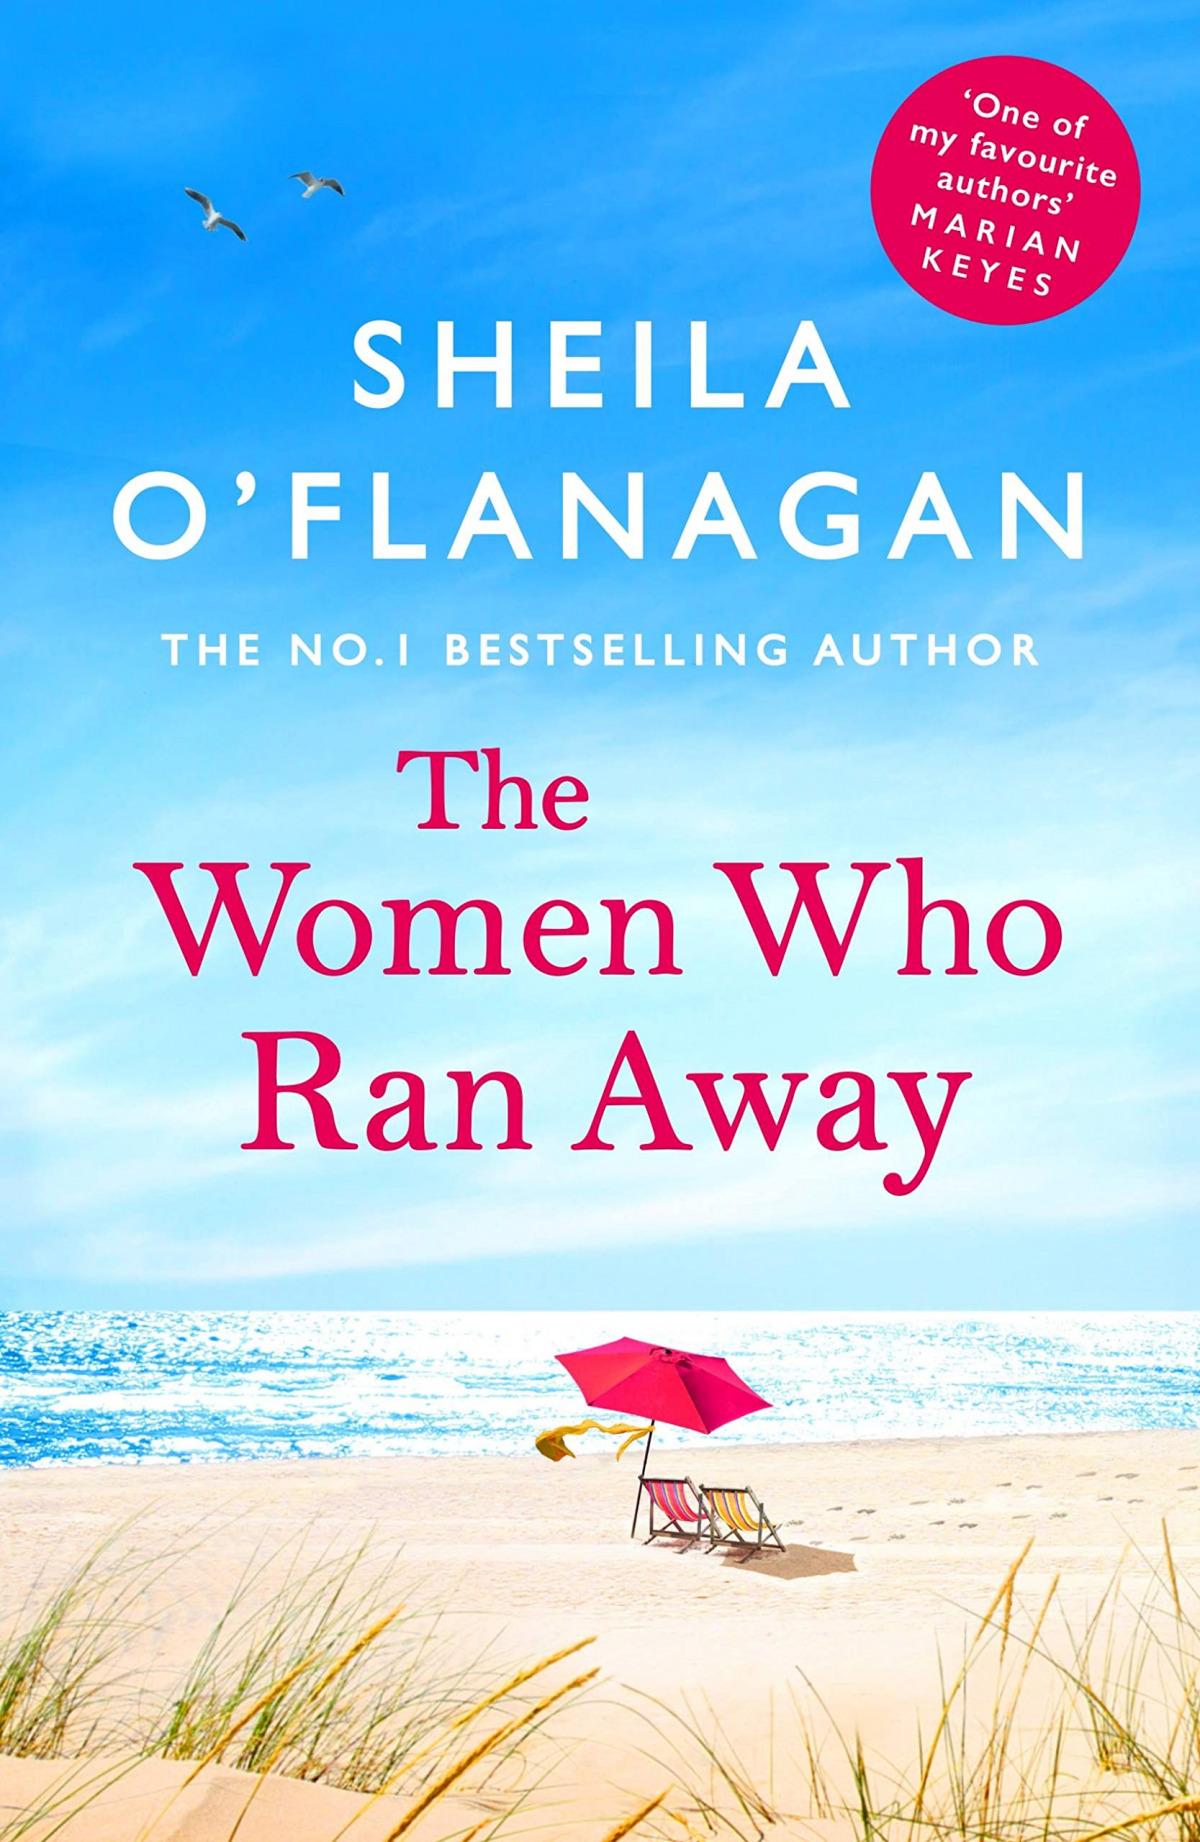 (O'FLANAGAN).THE WOMEN WHO RAN AWAY